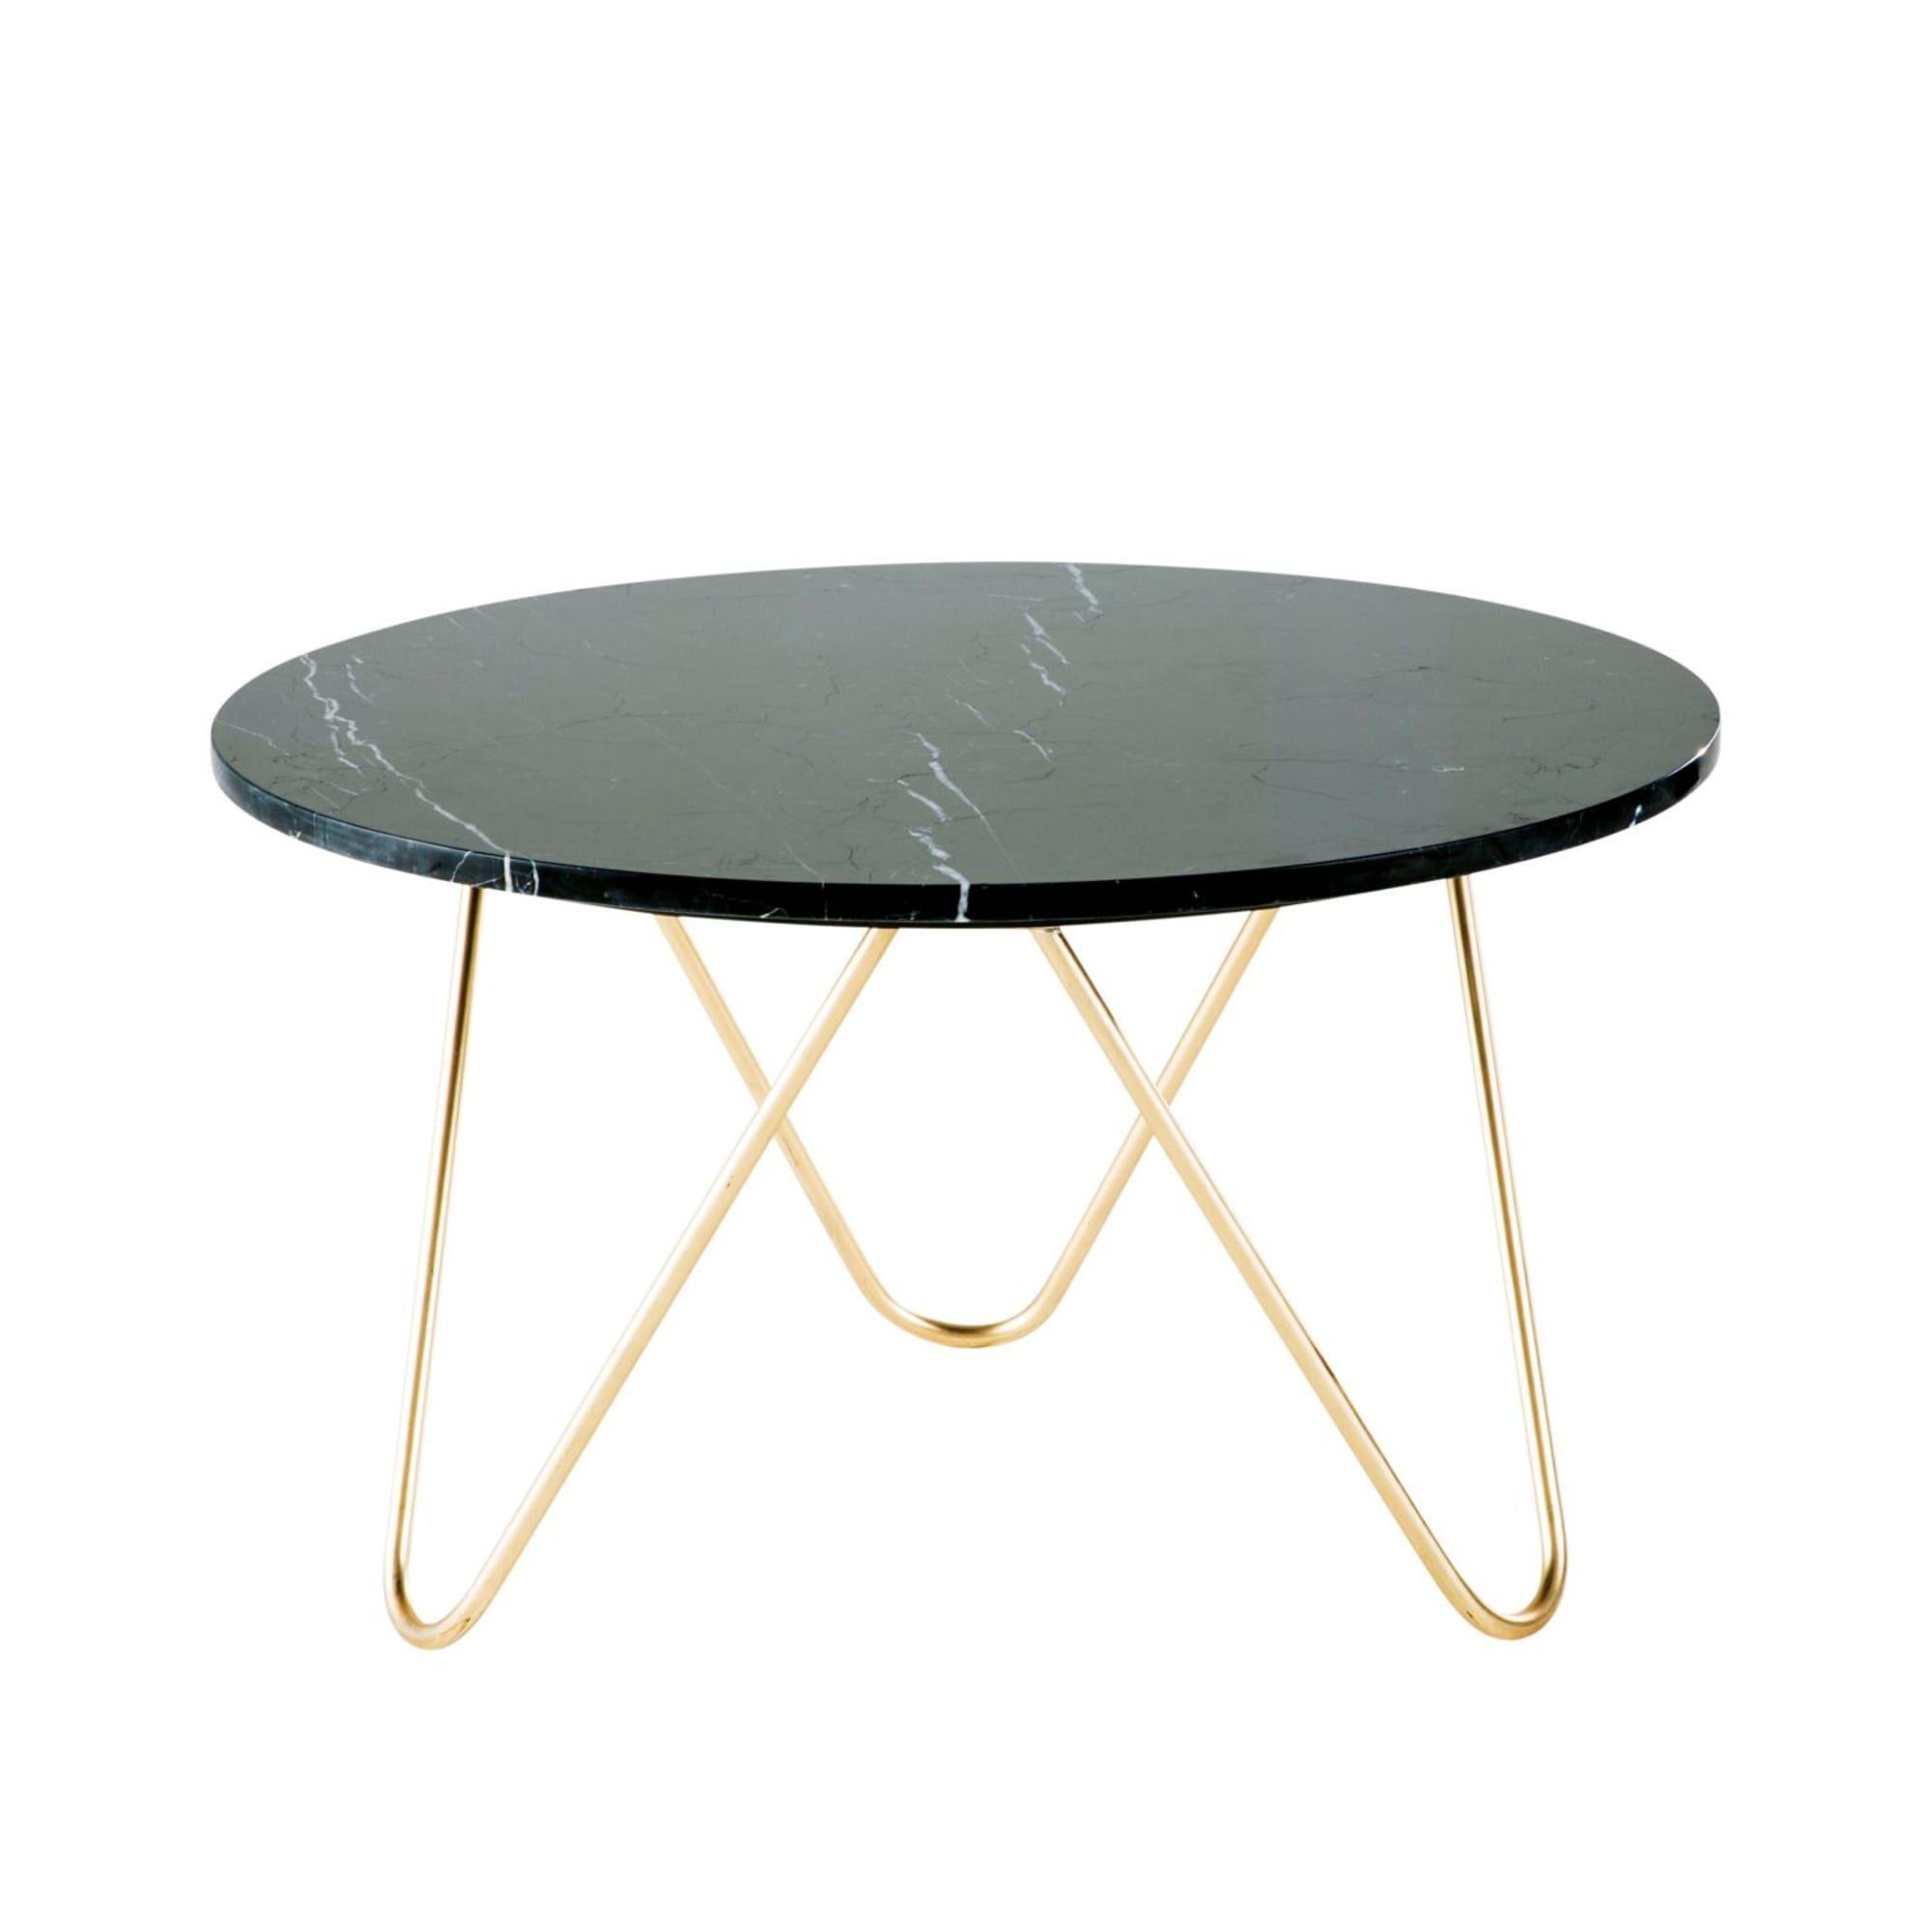 Salontafel Van Zwart Marmer En Goudkleurig Metaal Eagle Table Basse En Marbre Noir Table Basse Marbre Table Basse Rangement